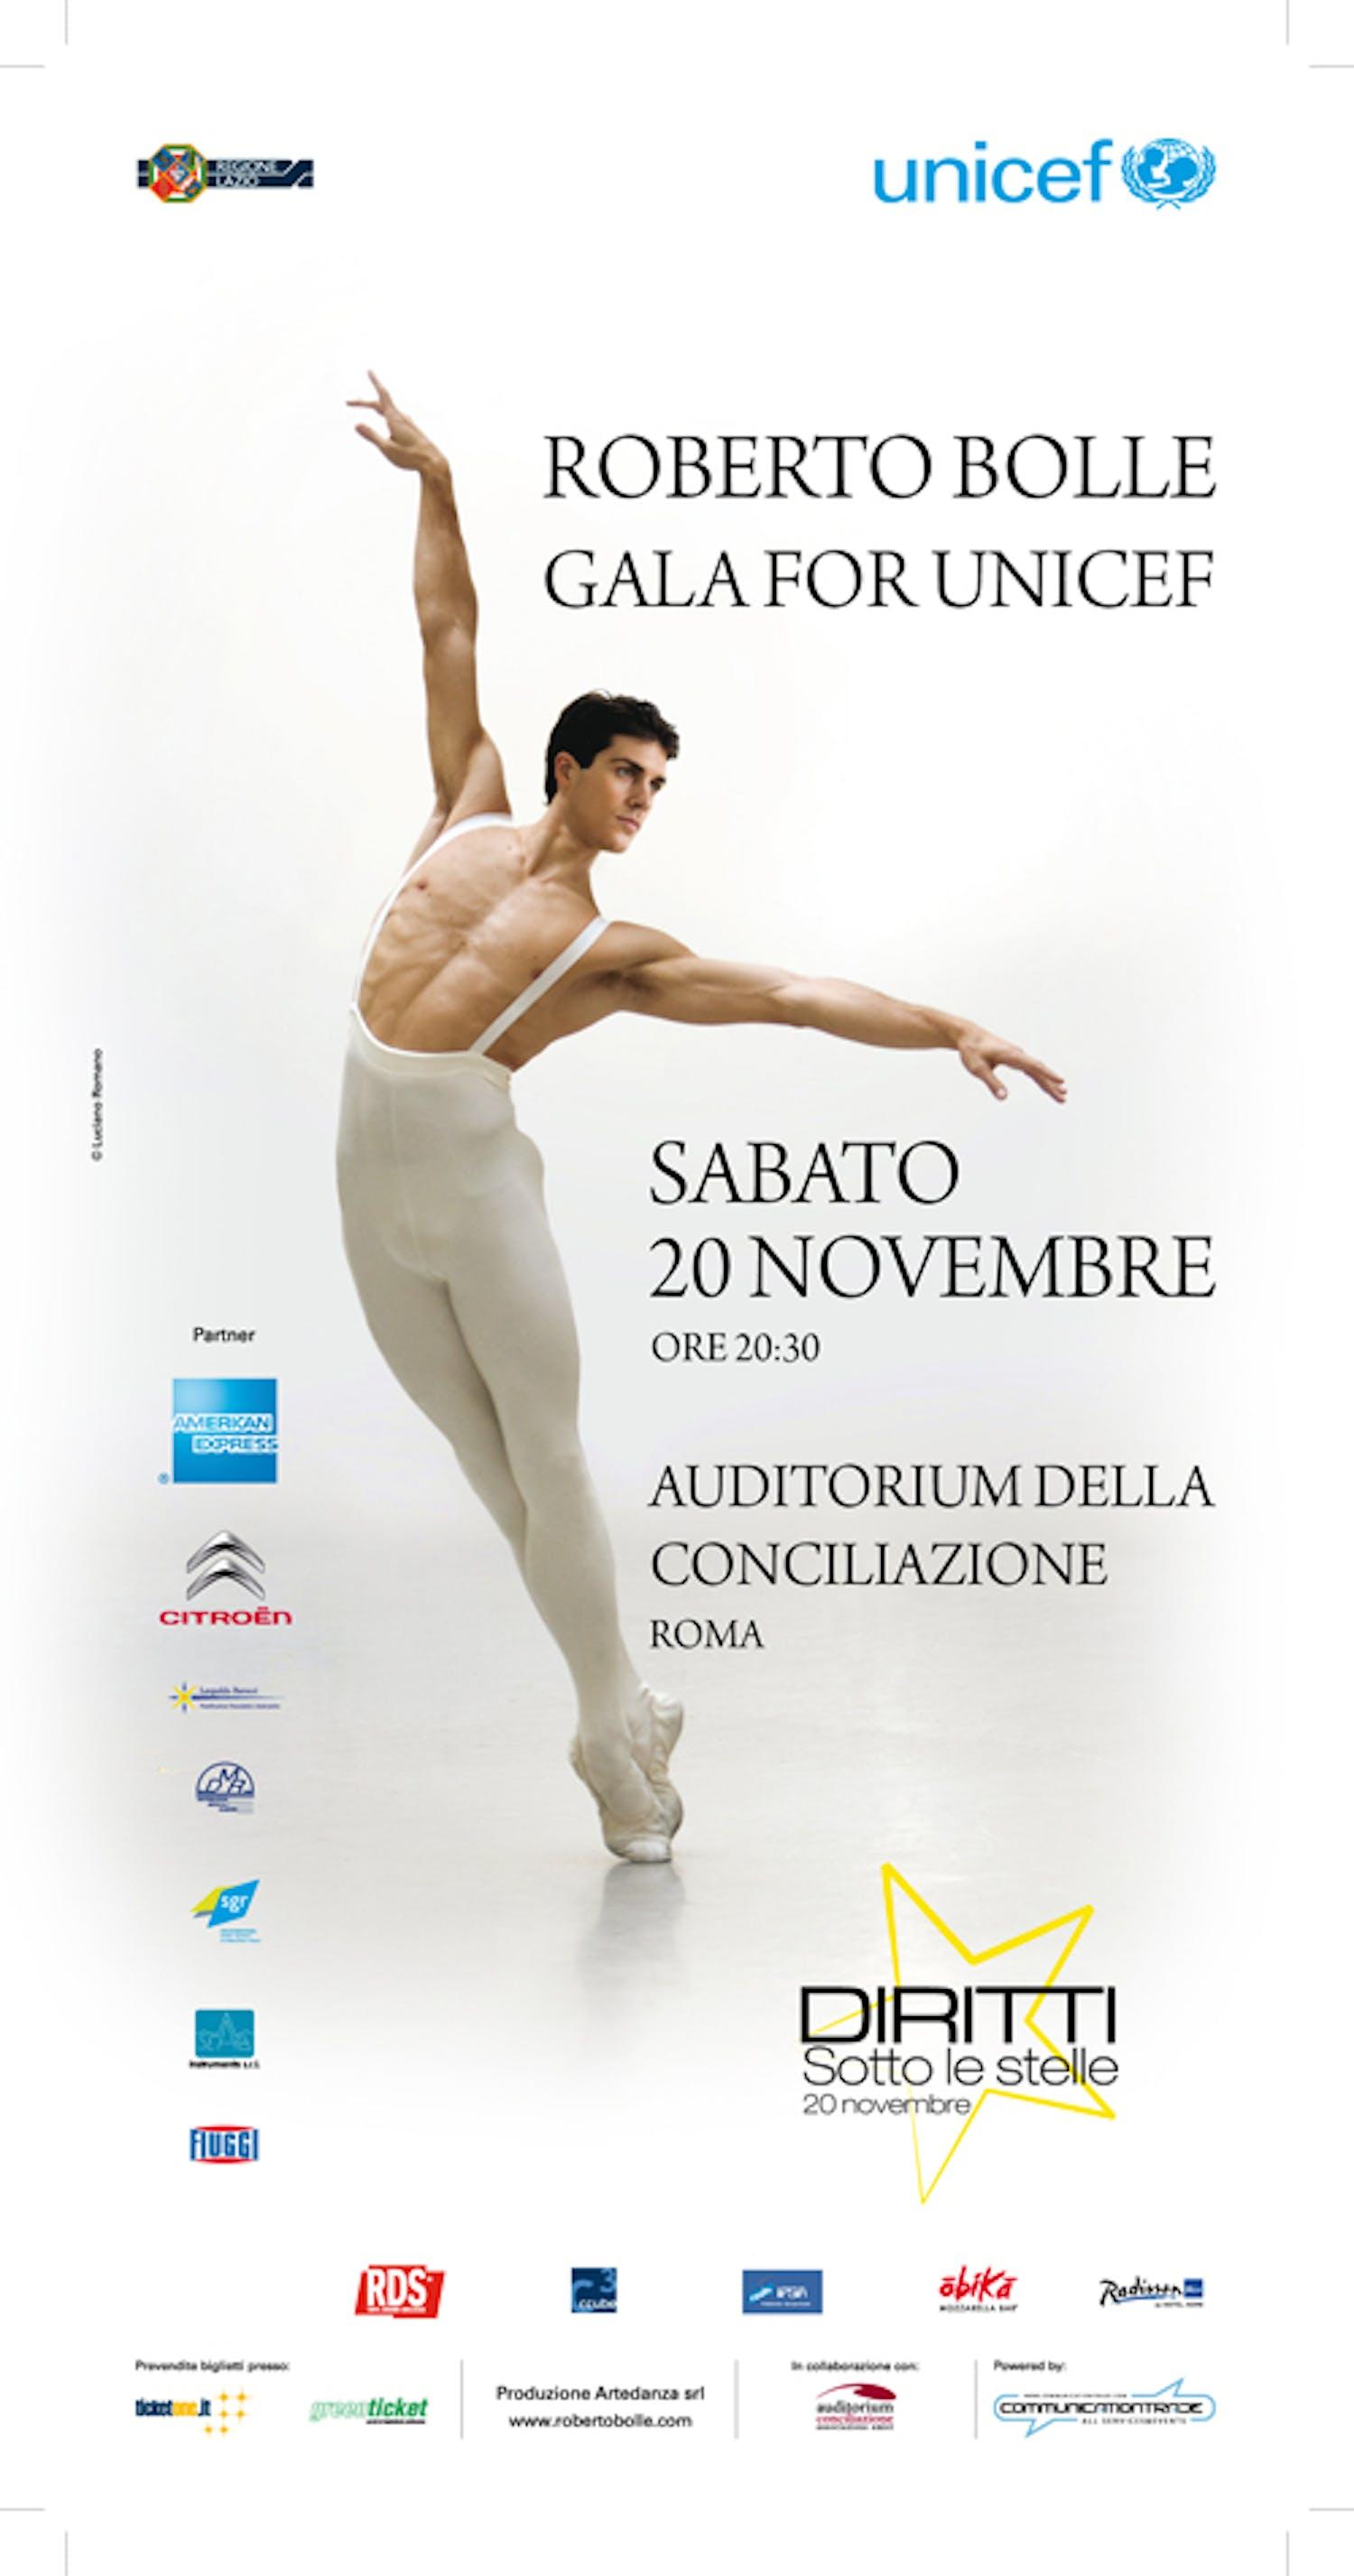 Roberto Bolle danzerà per l'UNICEF il 20 novembre a Roma